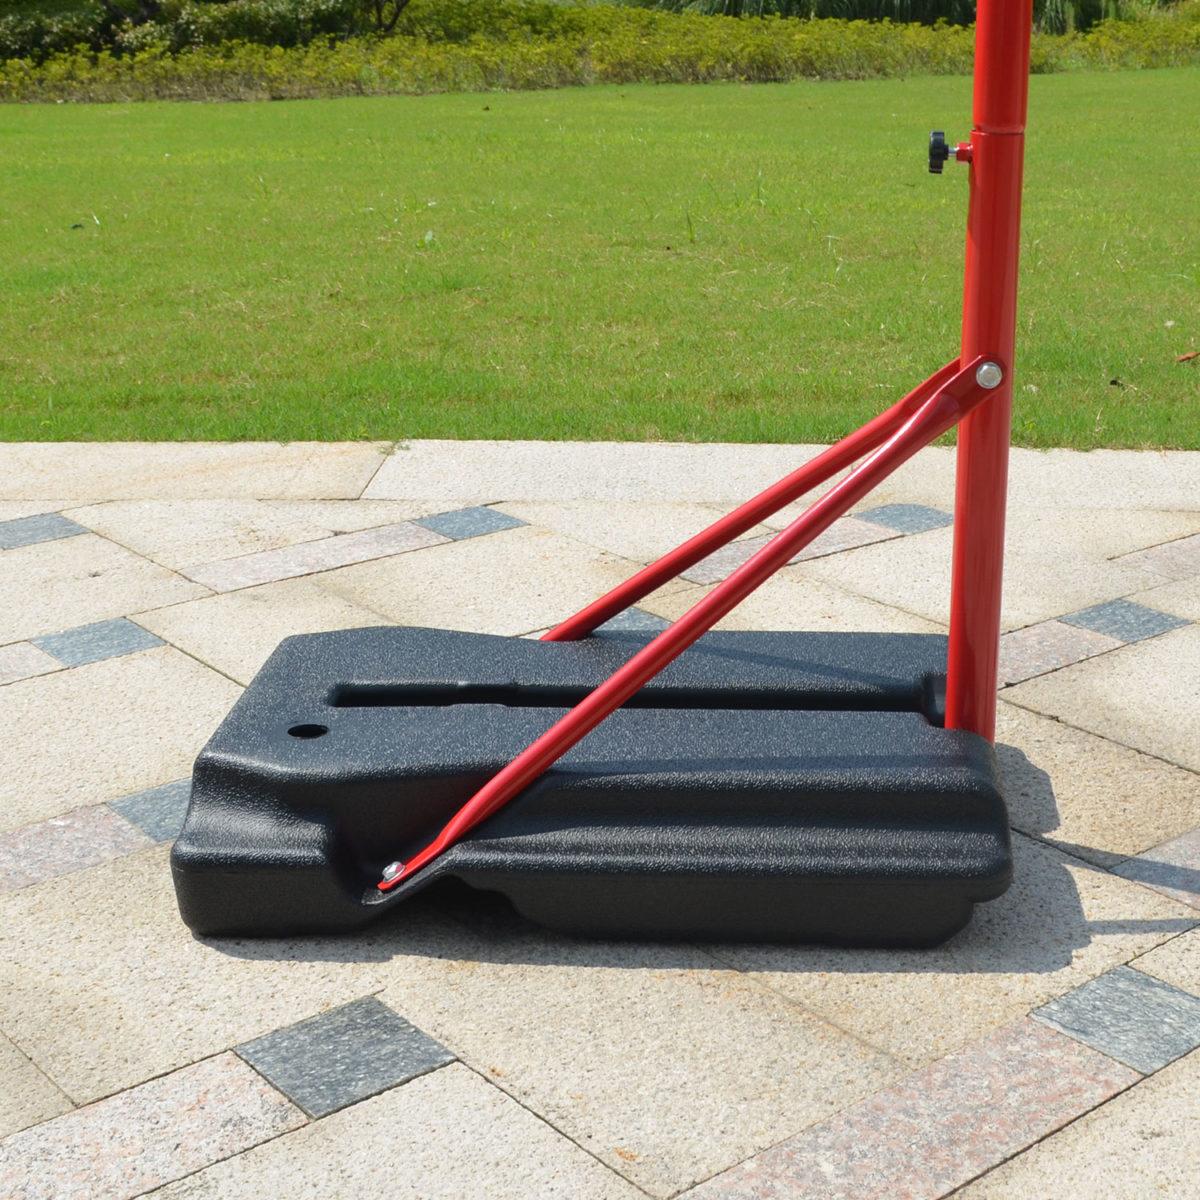 DFC мобильная баскетбольная стойка  KIDSB2 - 4